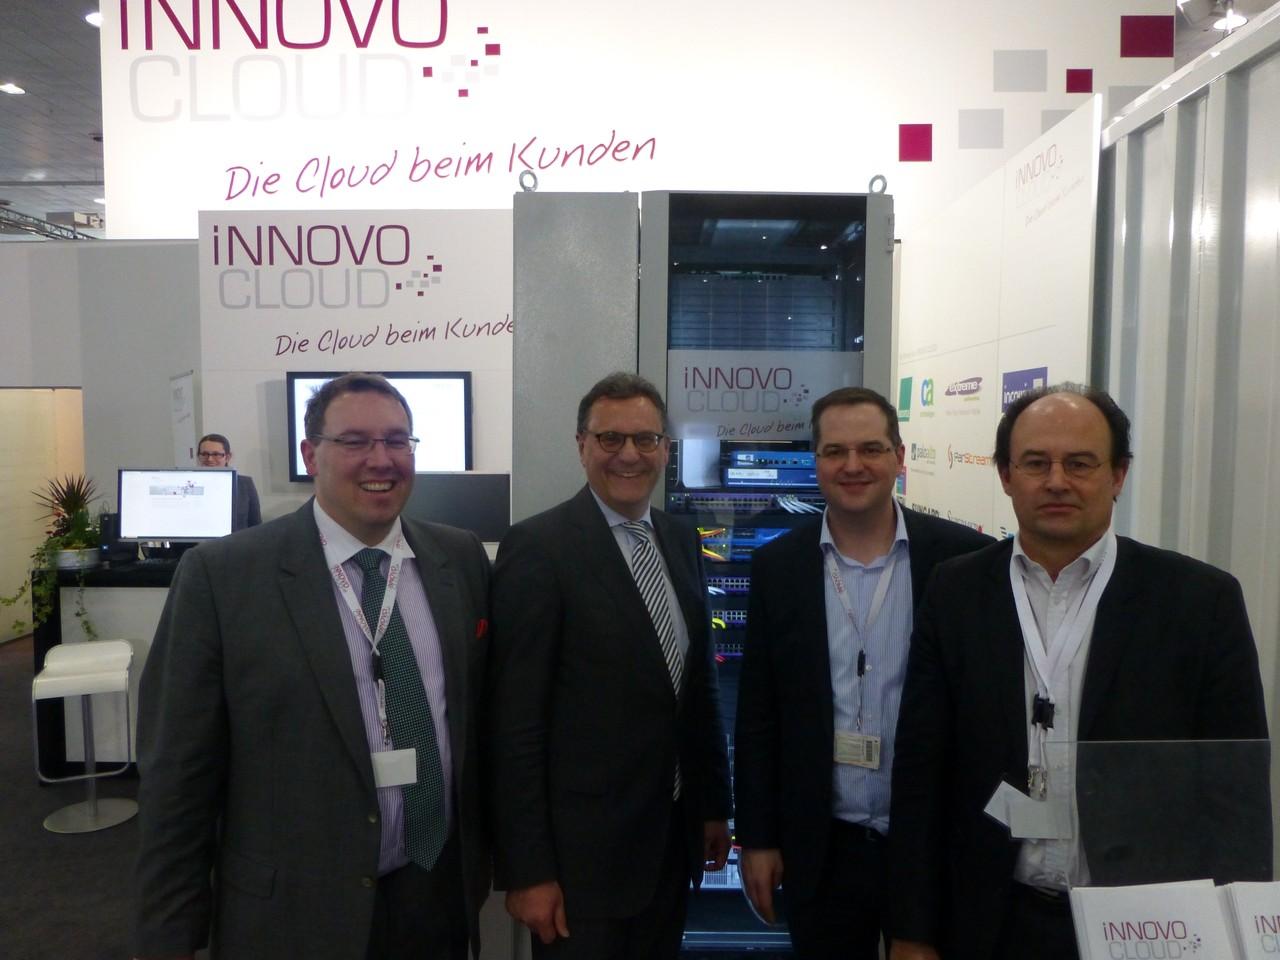 CeBIT 2013: Besuch bei der iNNOVO CLOUD GmbH